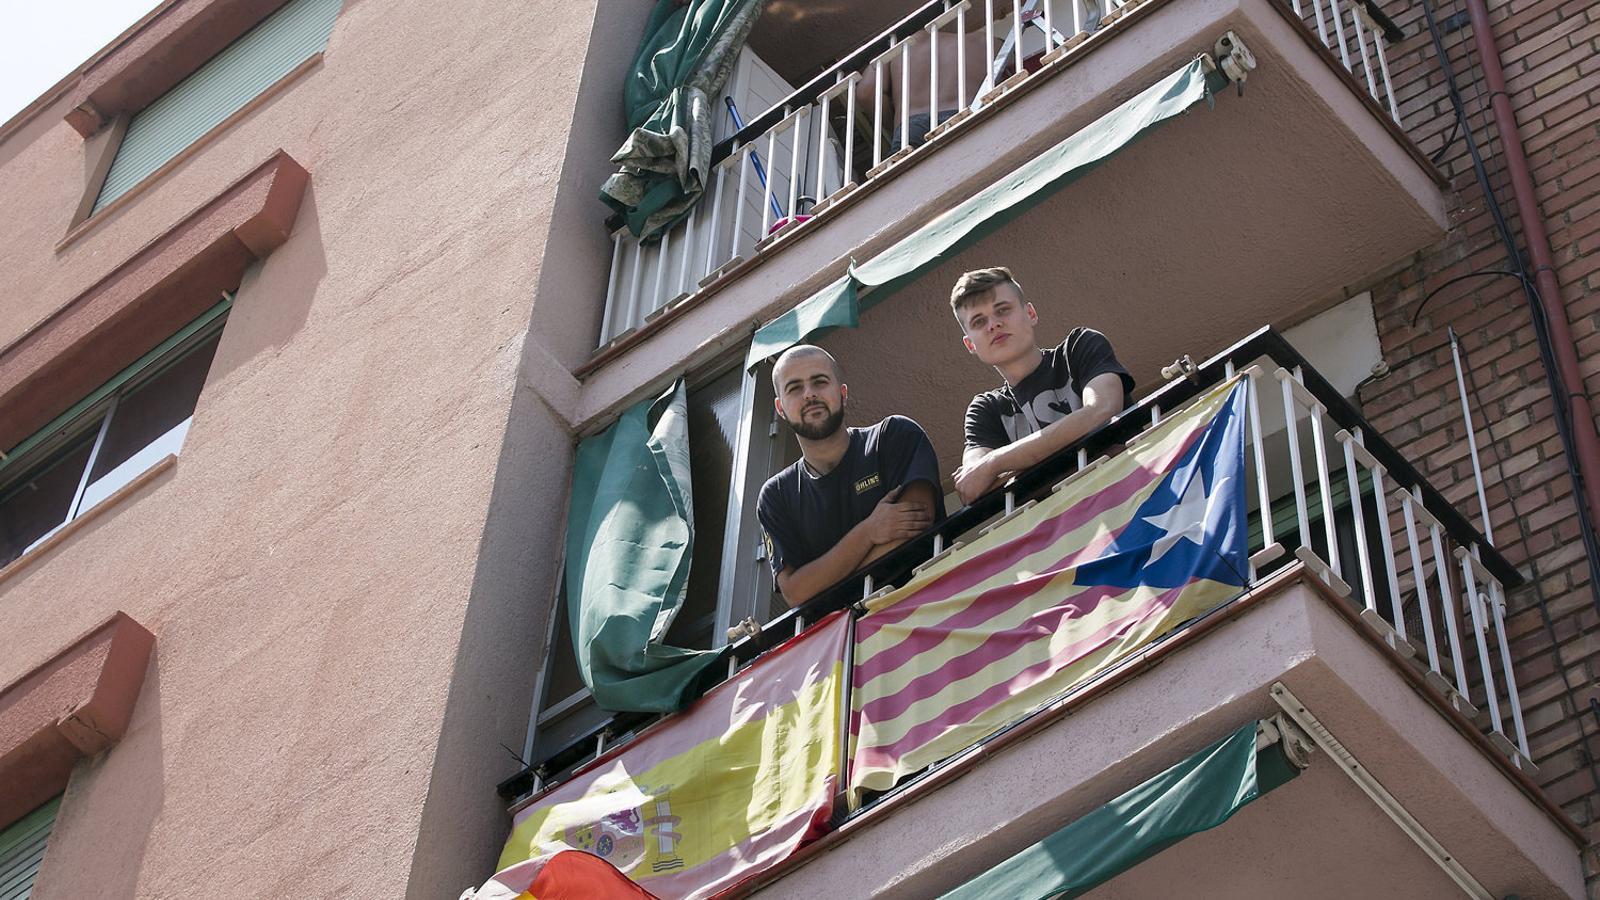 Els companys de pis Èrik i David al balcó de Badalona on tenen penjada una estelada i una bandera espanyola.